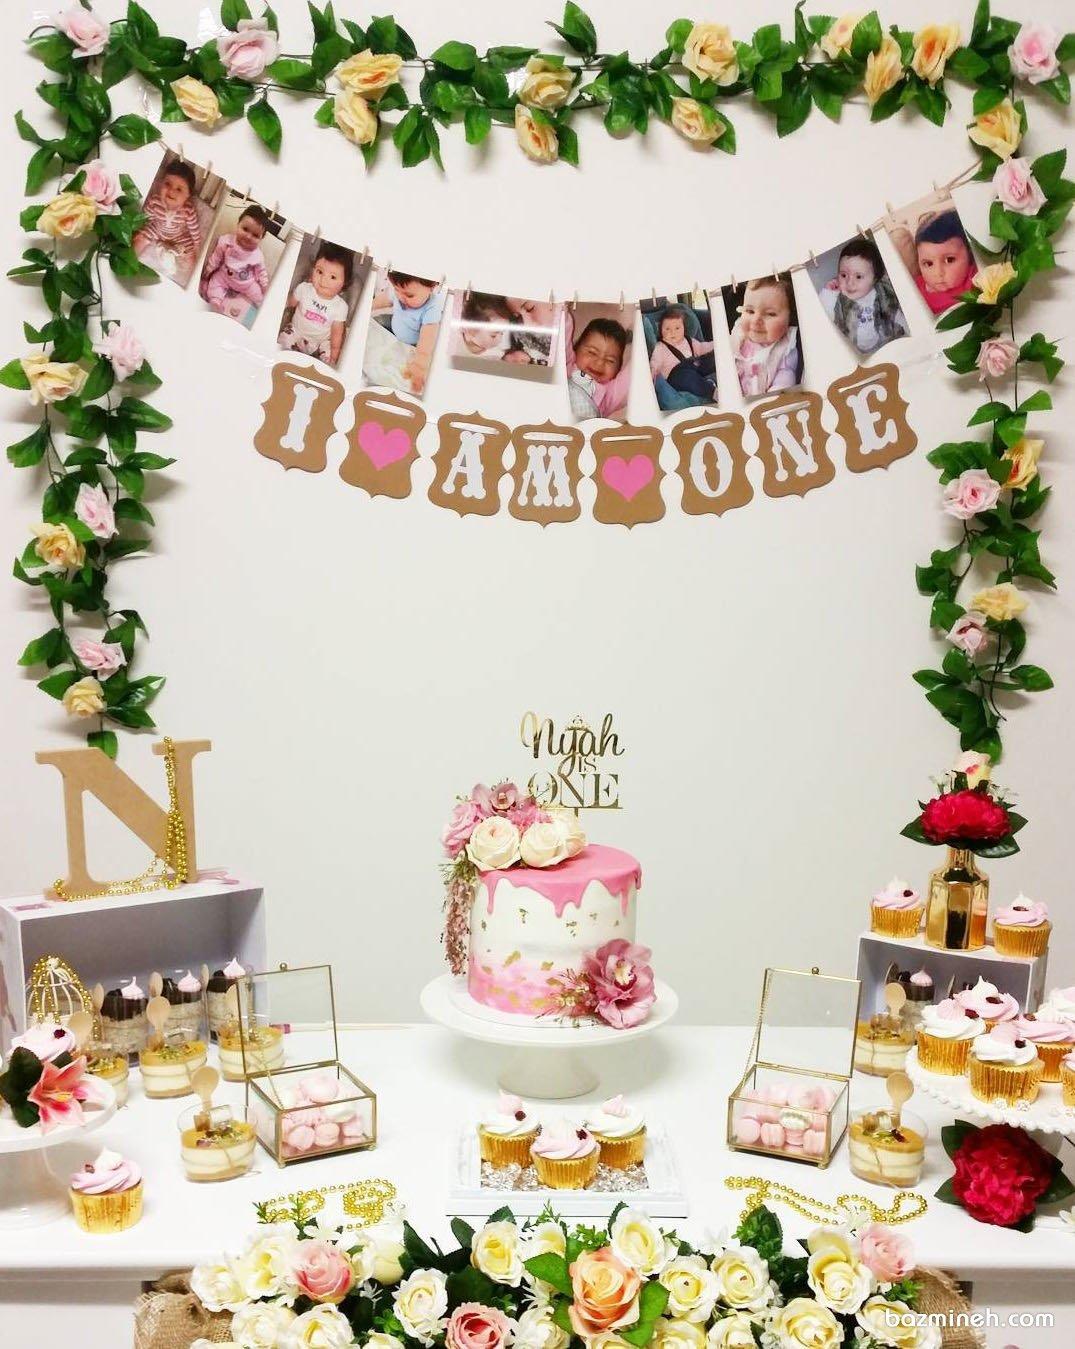 دکوراسیون ساده و زیبای جشن تولد یکسالگی دخترونه با تم سفید صورتی و ایده جالب آویزان کردن عکس های کودک در ماه های مختلف